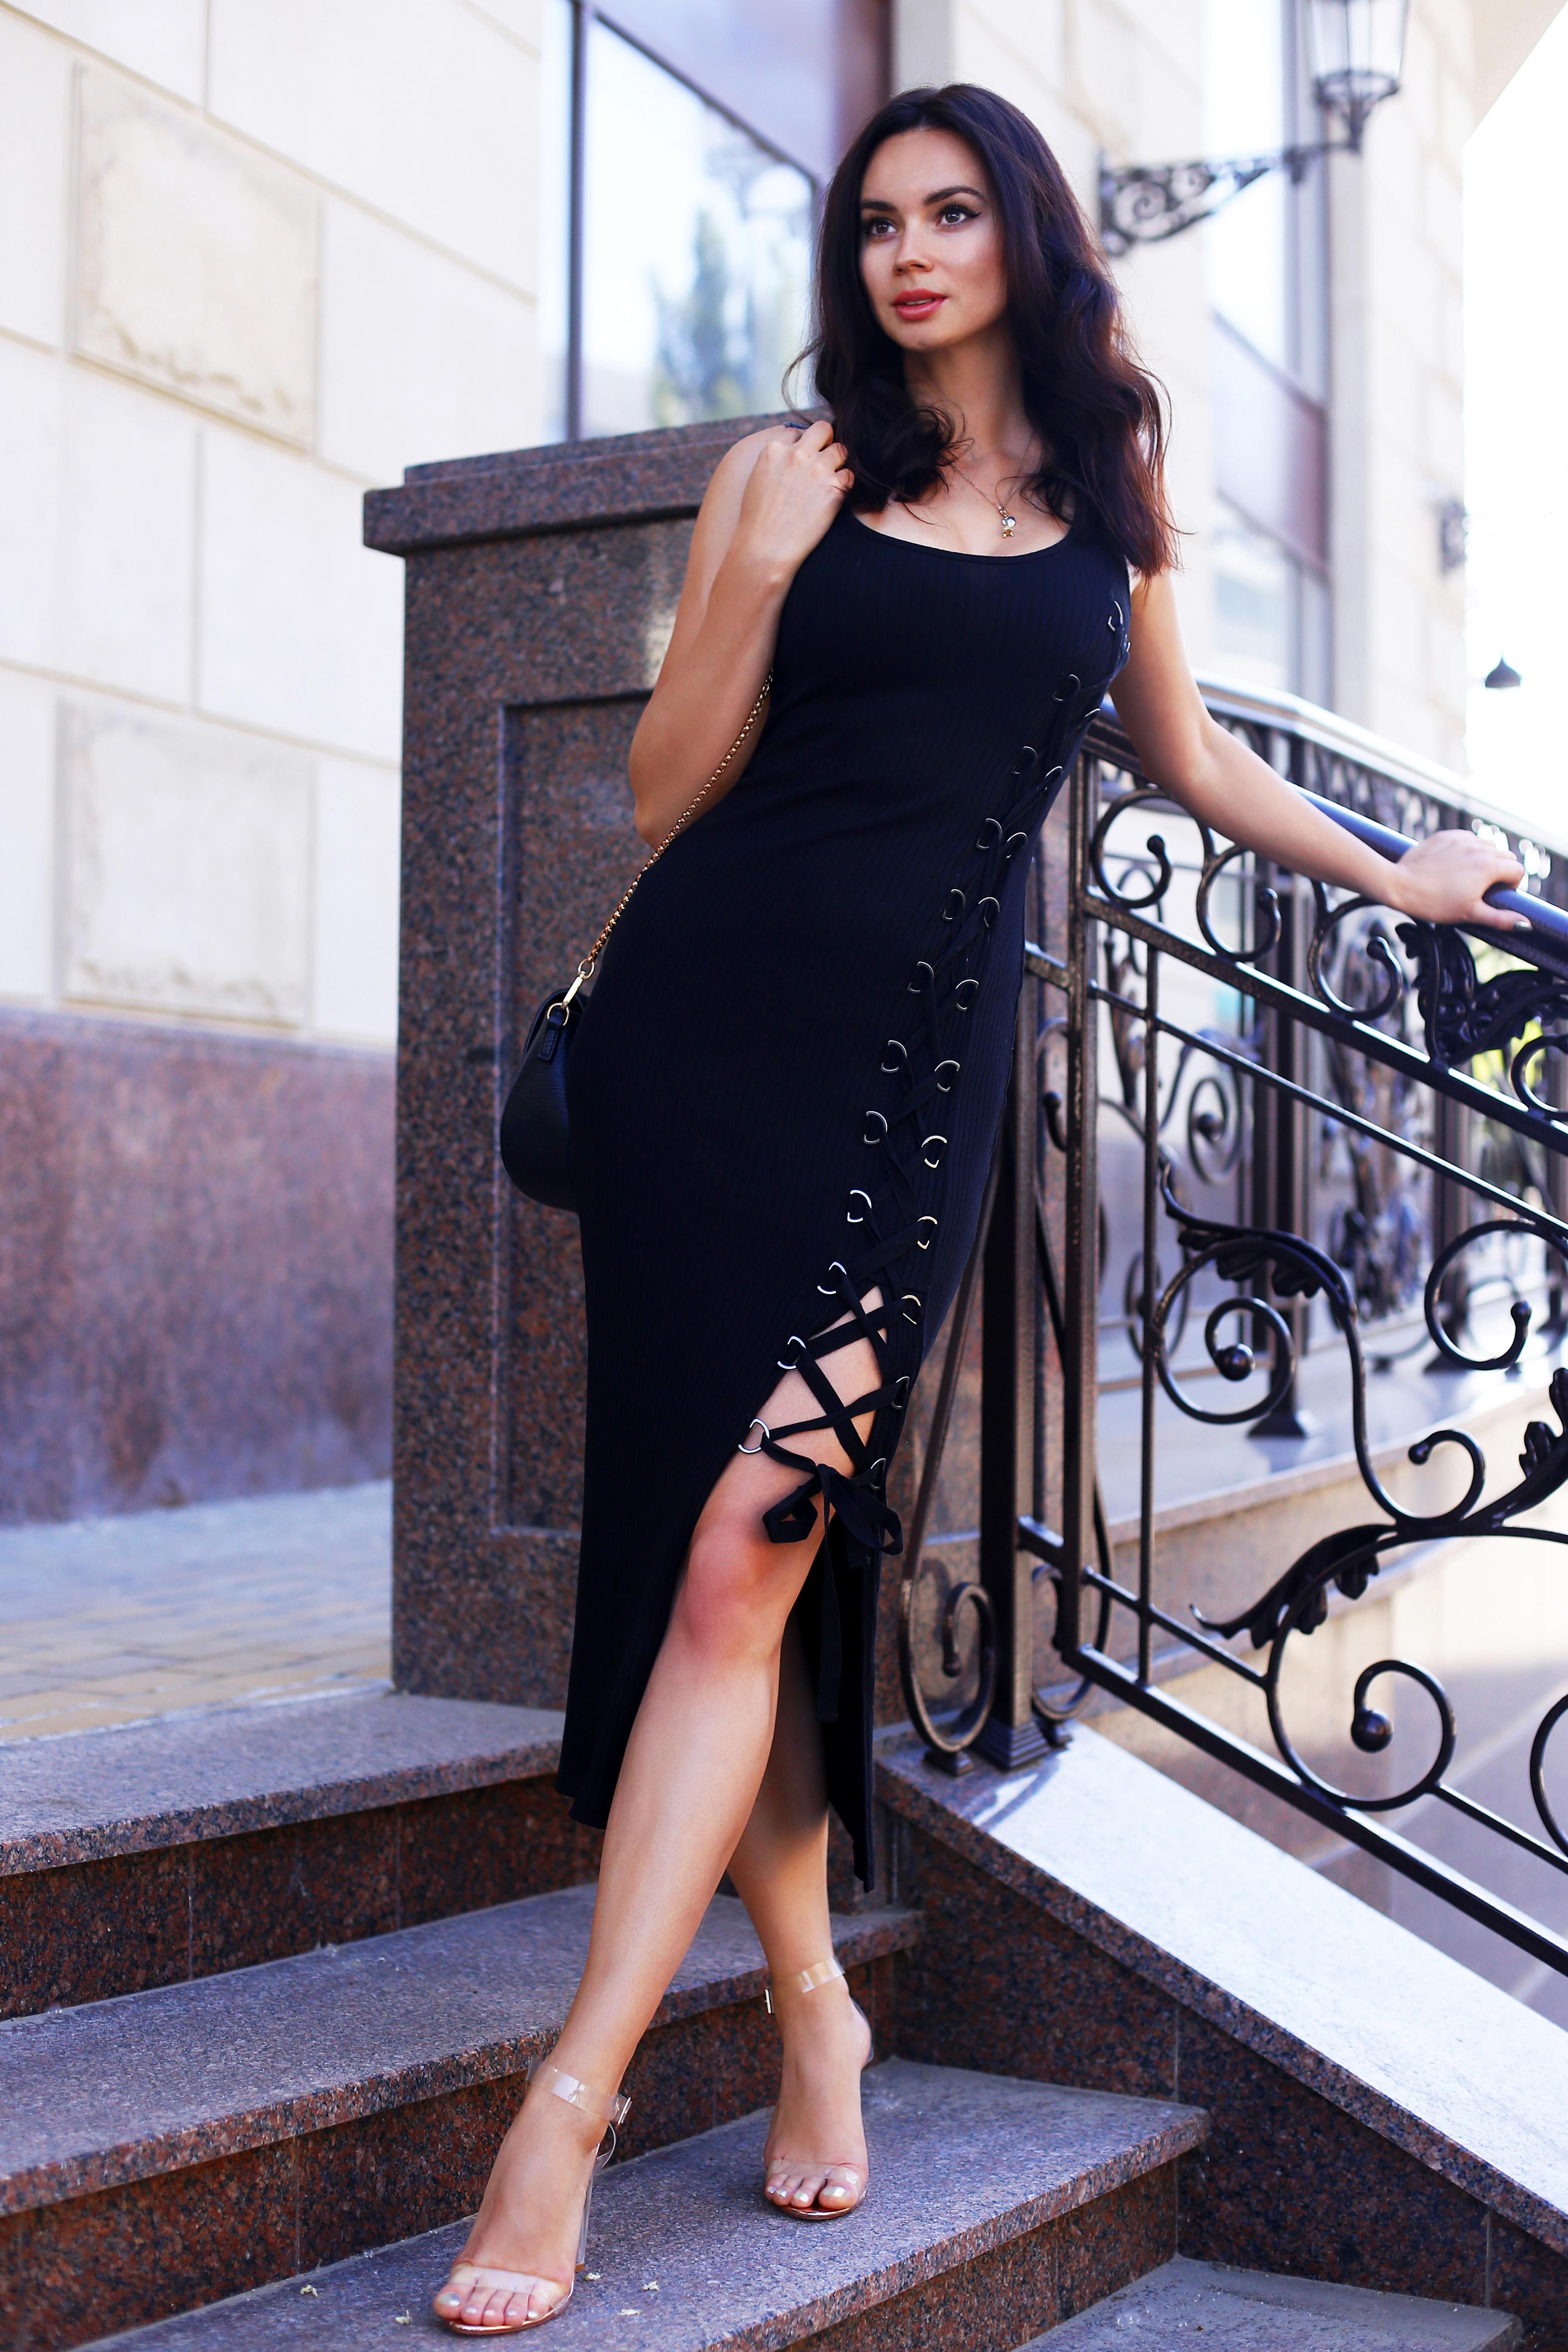 Tommy Rib black dress